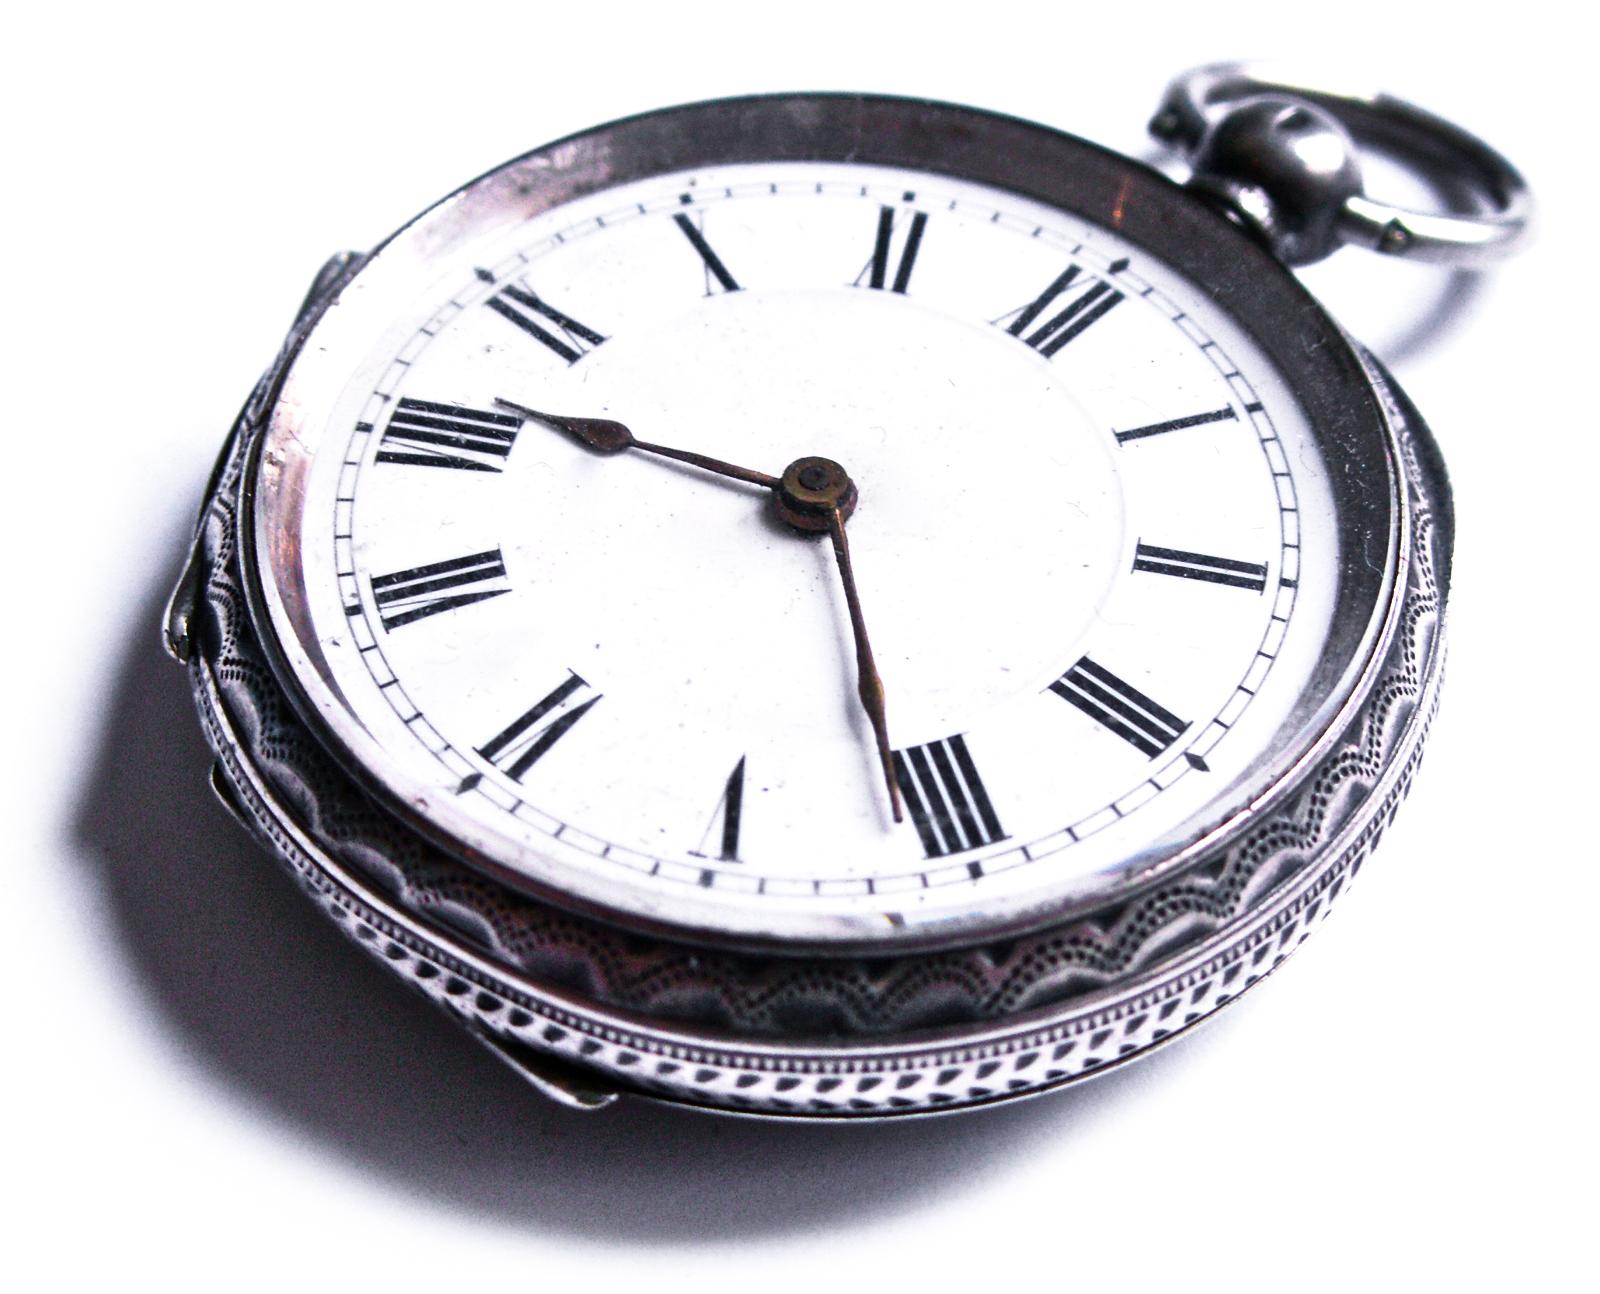 antike silber taschenuhr schweiz um 1900 schl sselaufzug pocket watch uhr swiss ebay. Black Bedroom Furniture Sets. Home Design Ideas